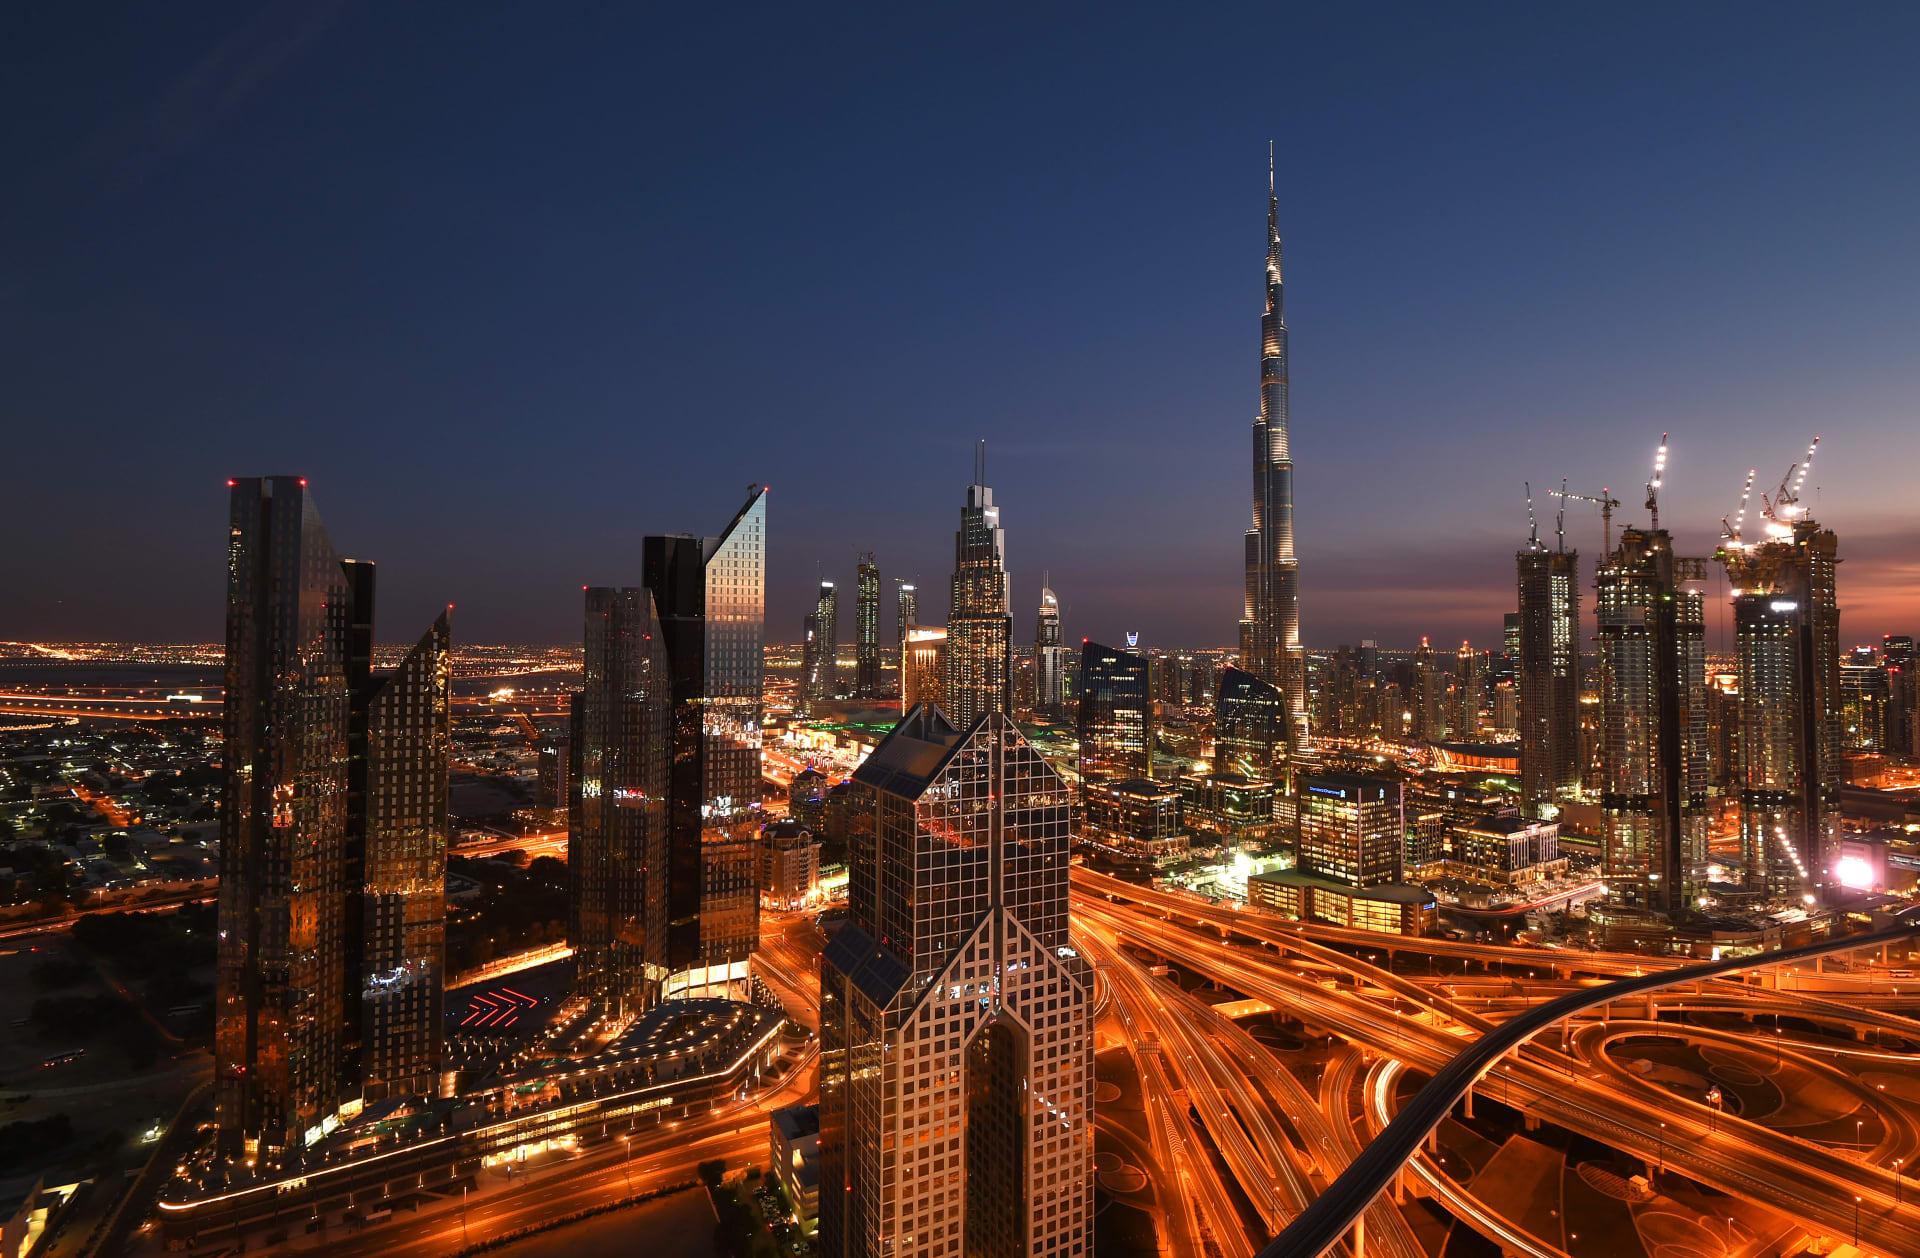 اقتصاد الإمارات عند نقطة تحول مع استثمارات إكسبو 2020